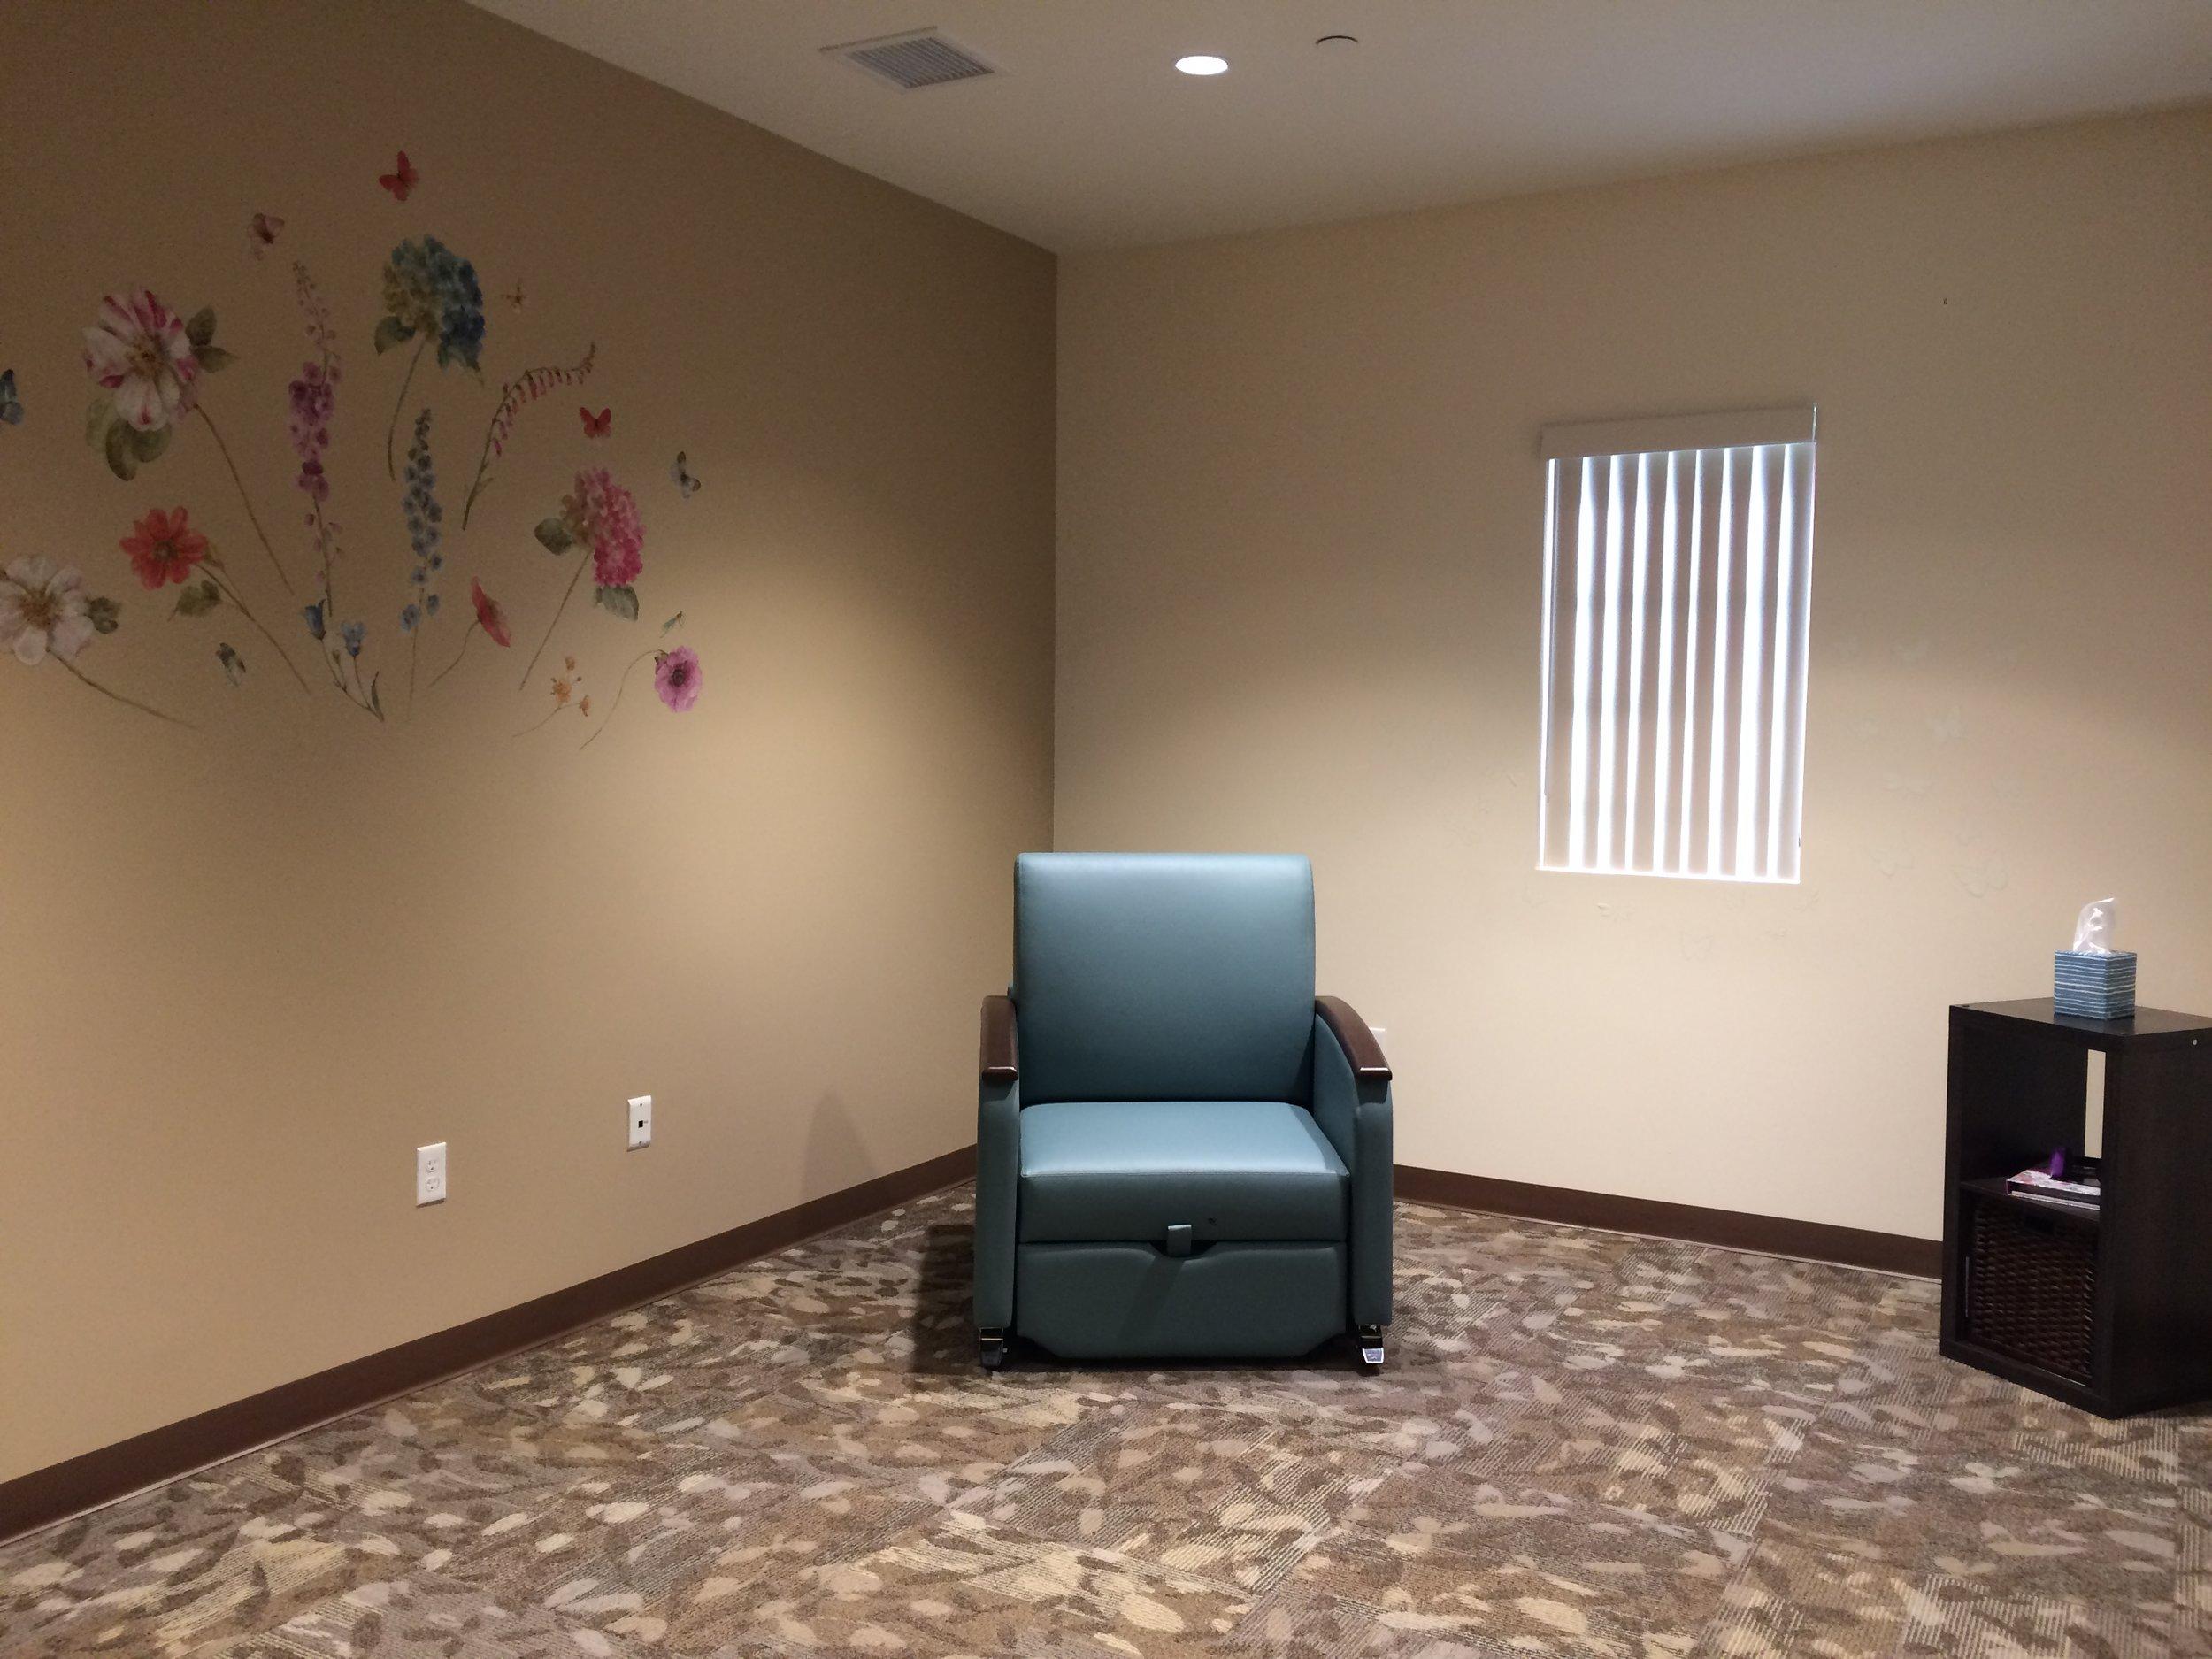 Quiet Room 1.2 - Copy.JPG